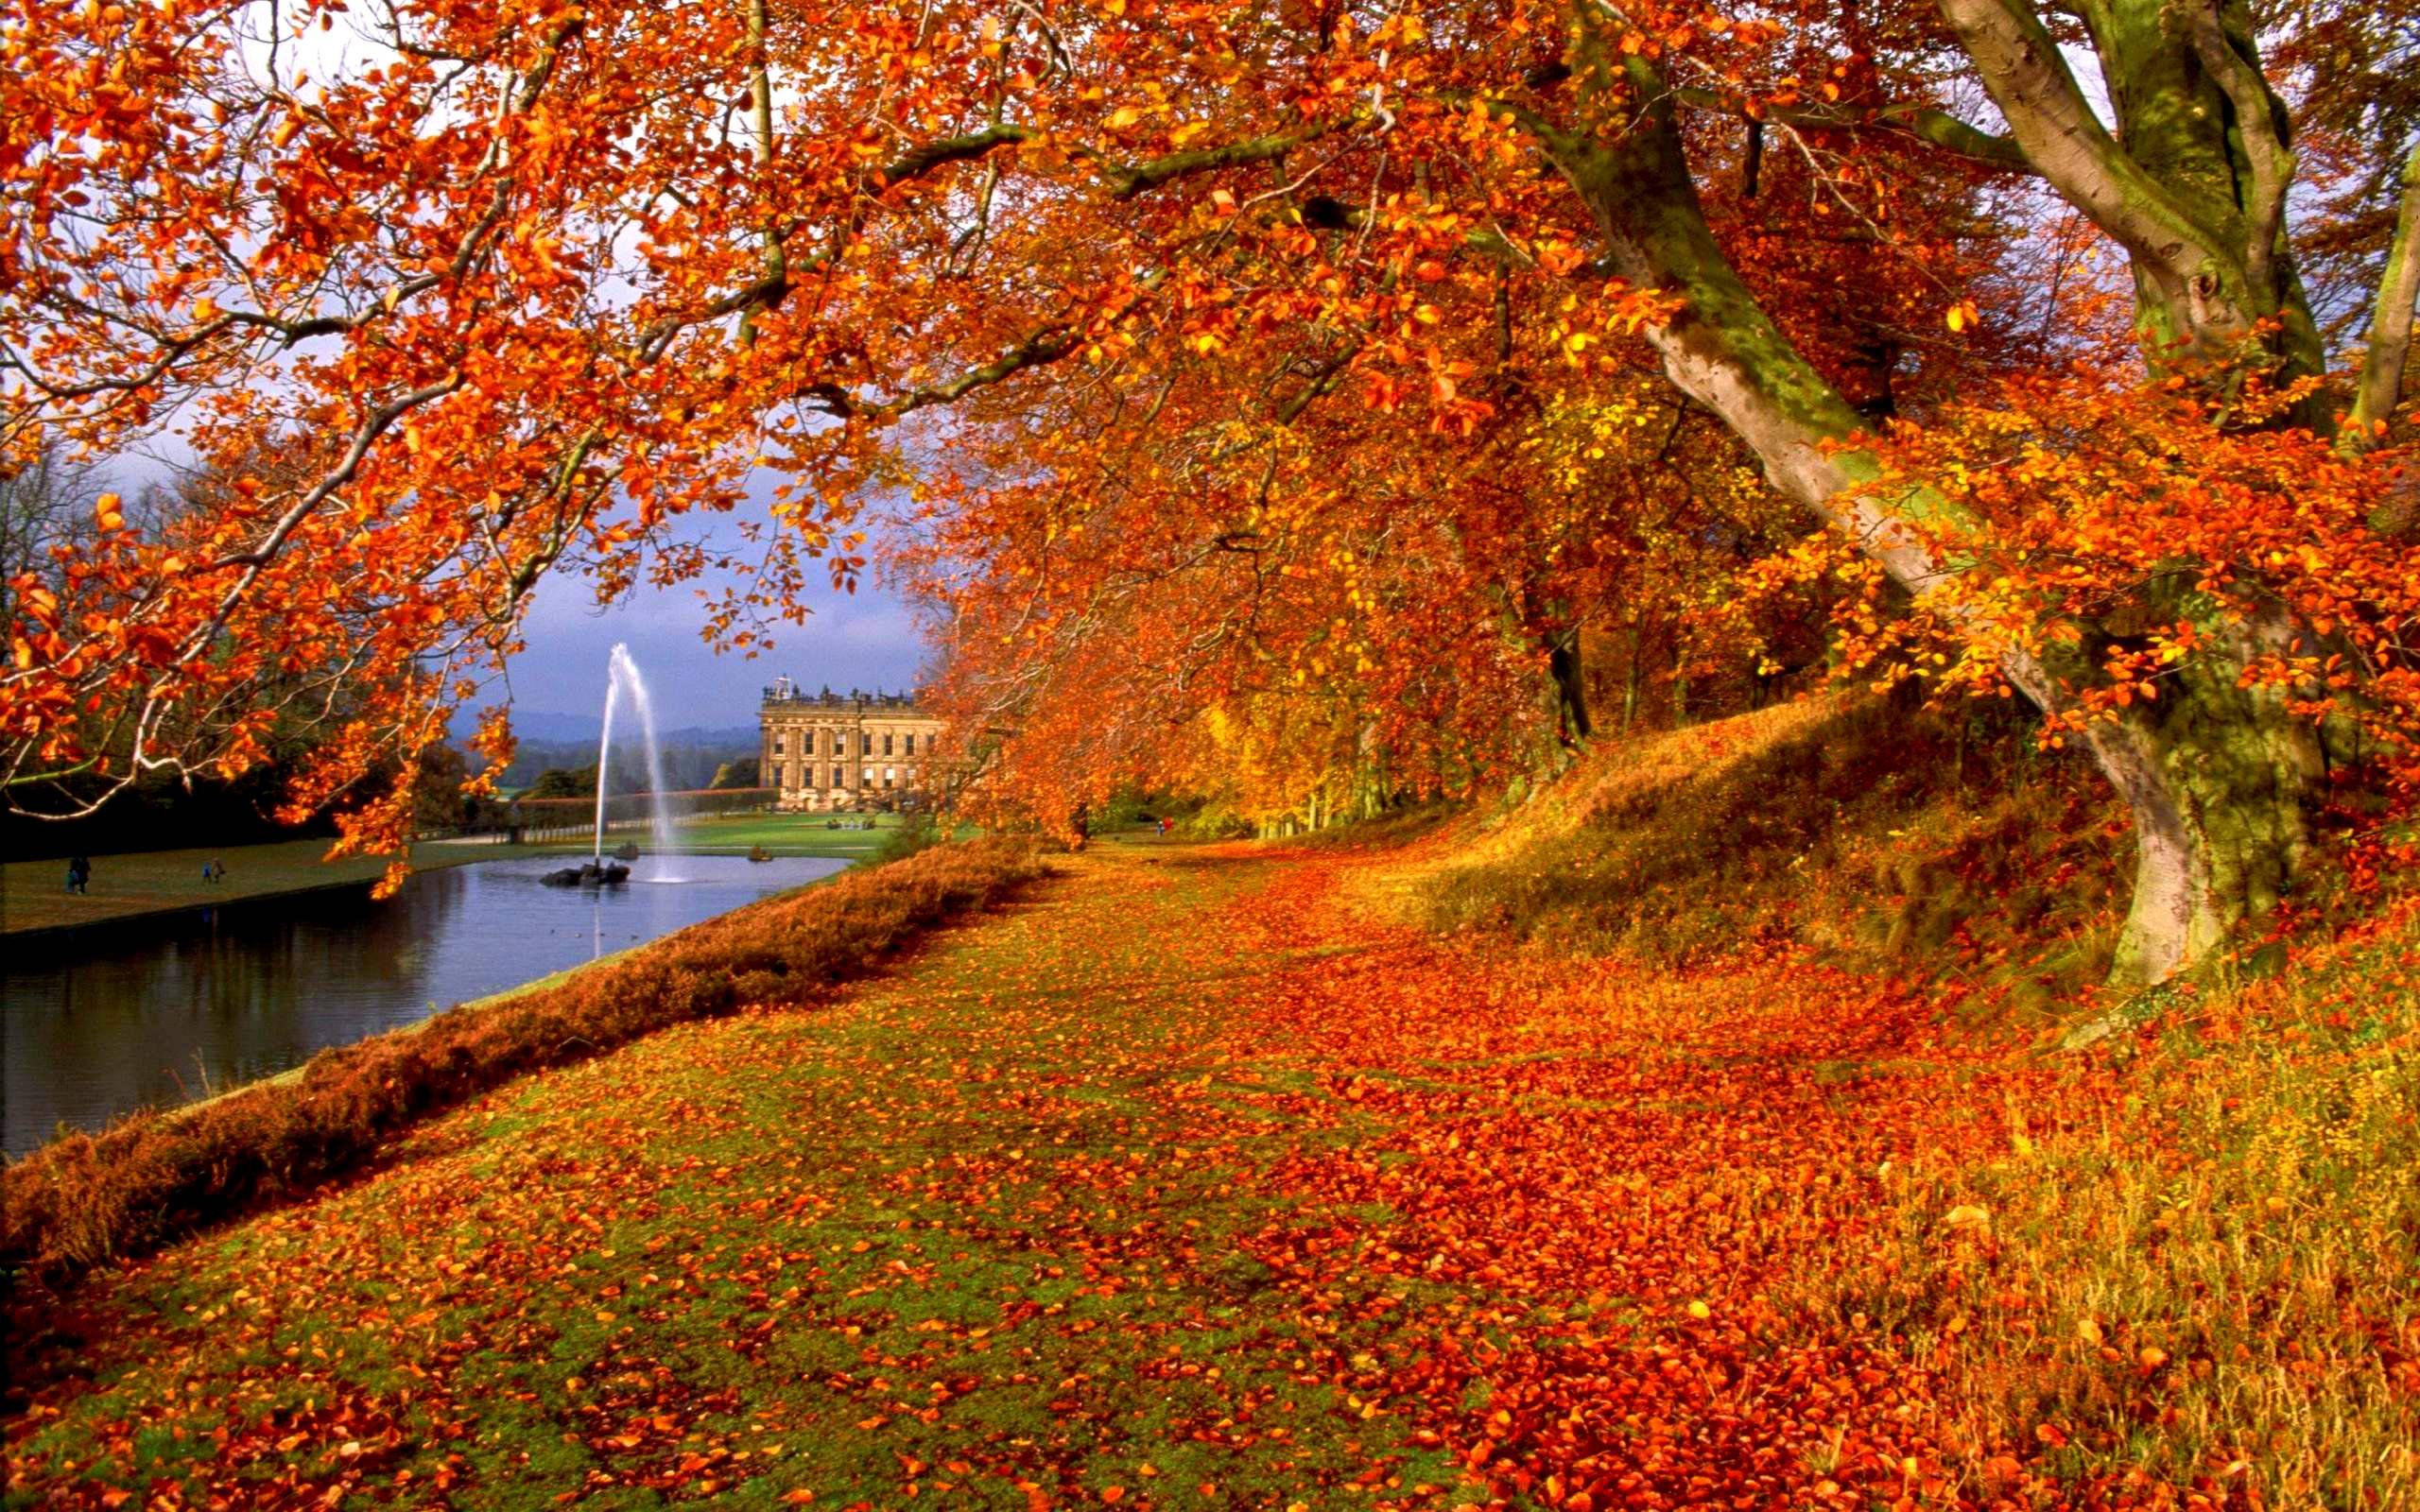 16024 autumn desktop wallpaper 2560x1600